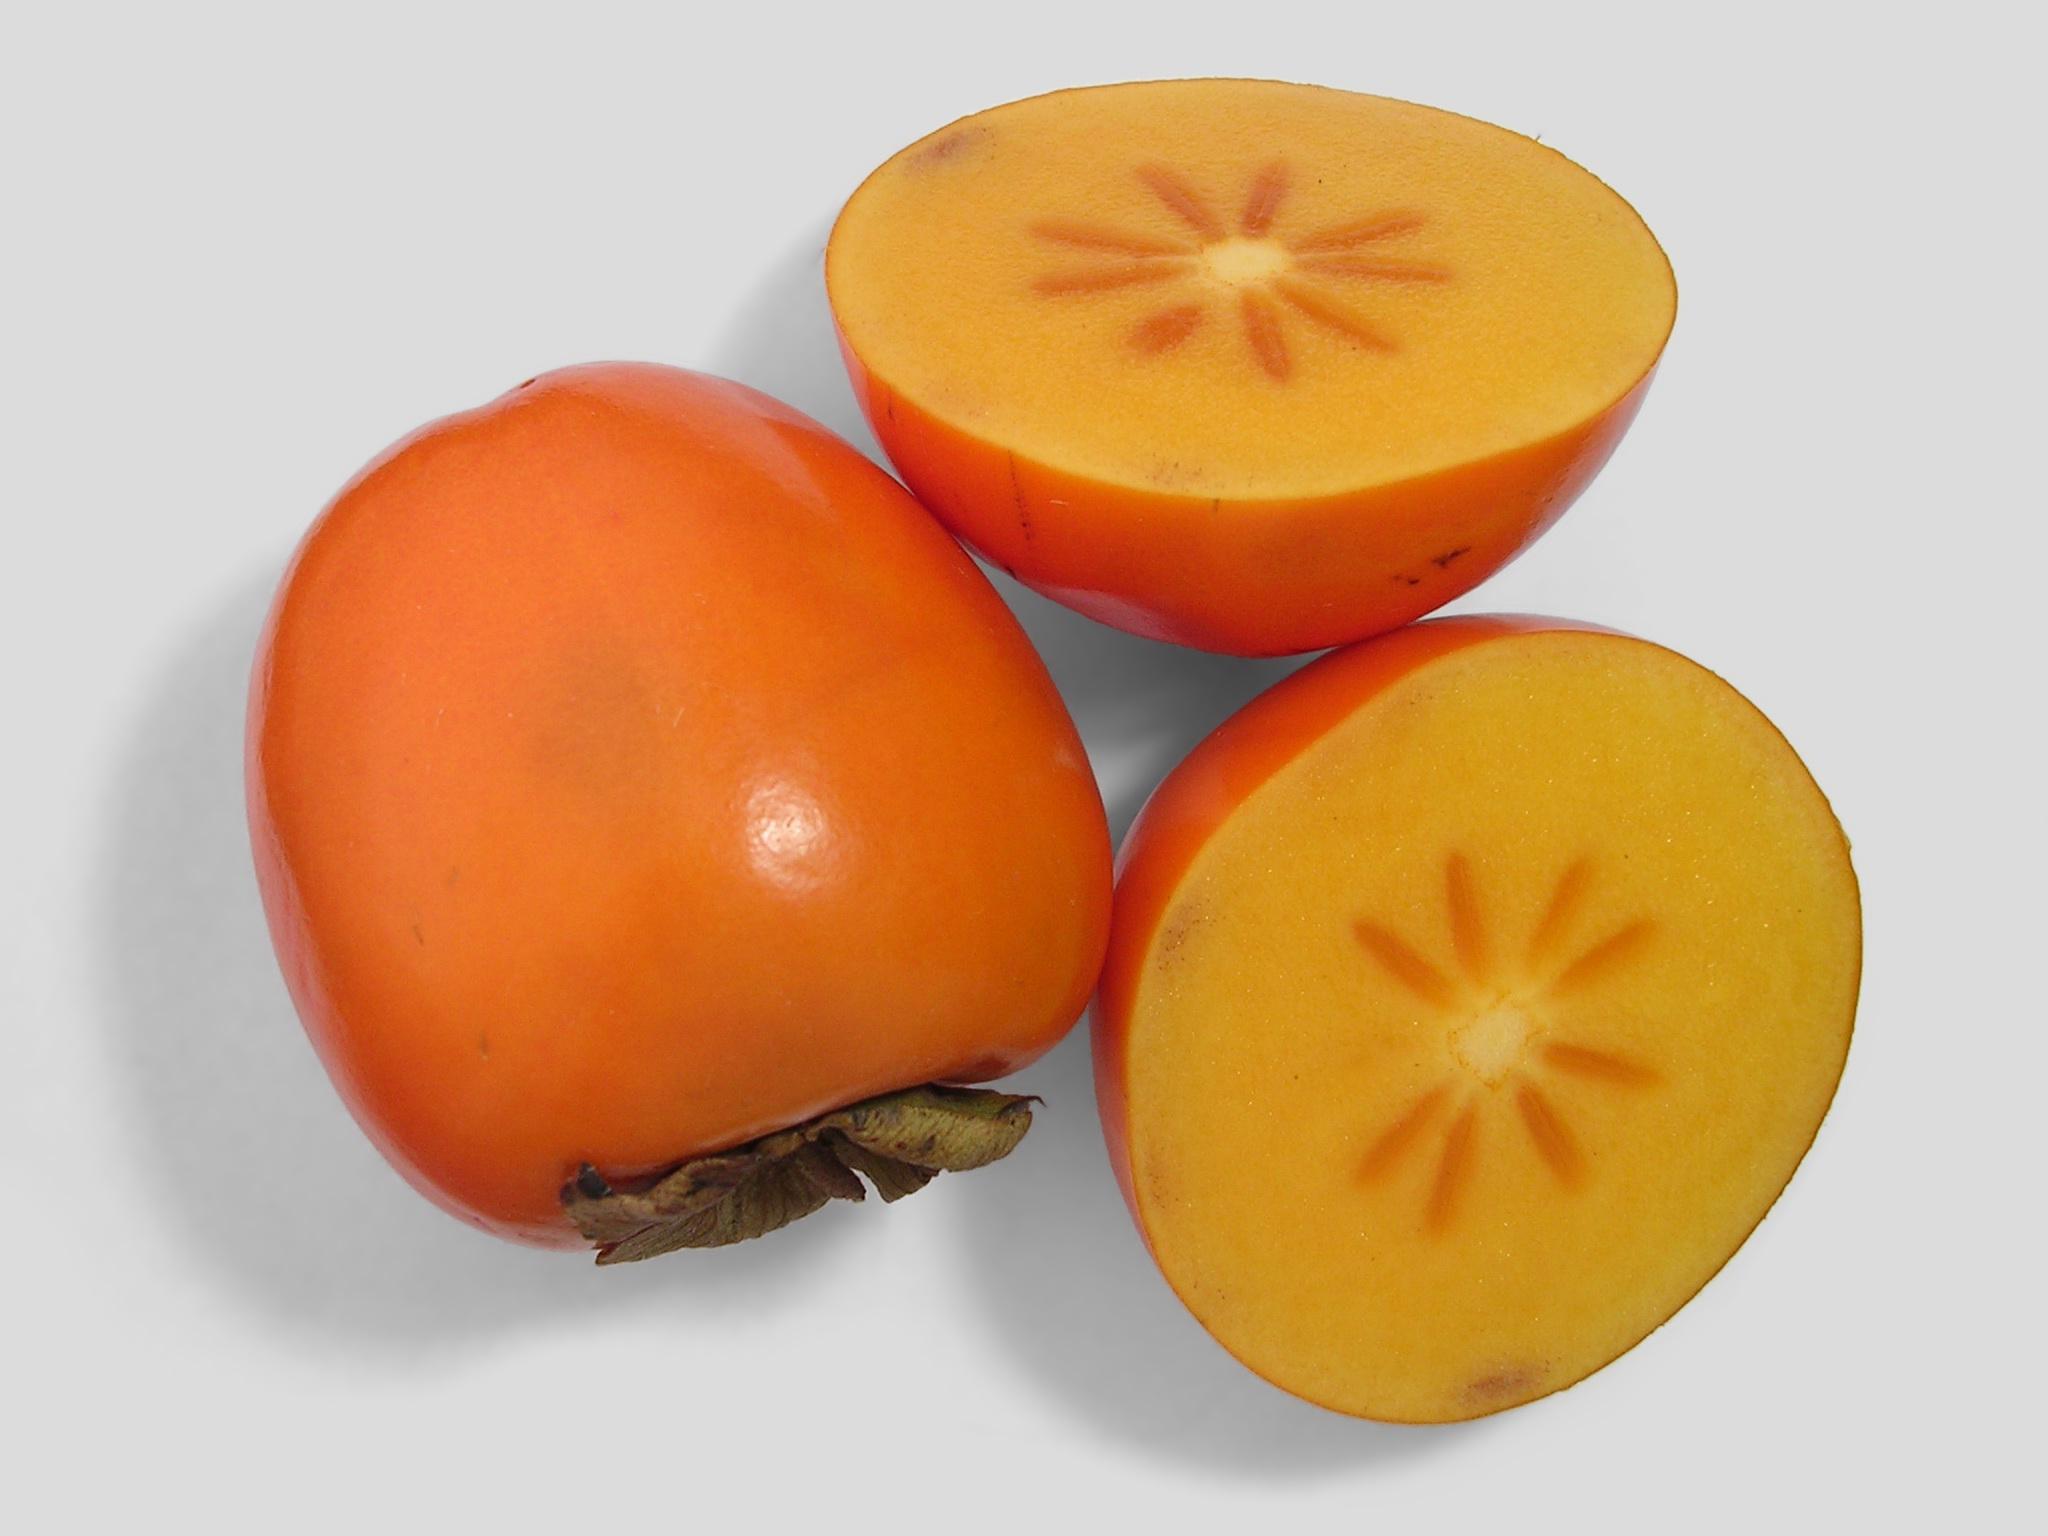 Madurar persimmon como kaki